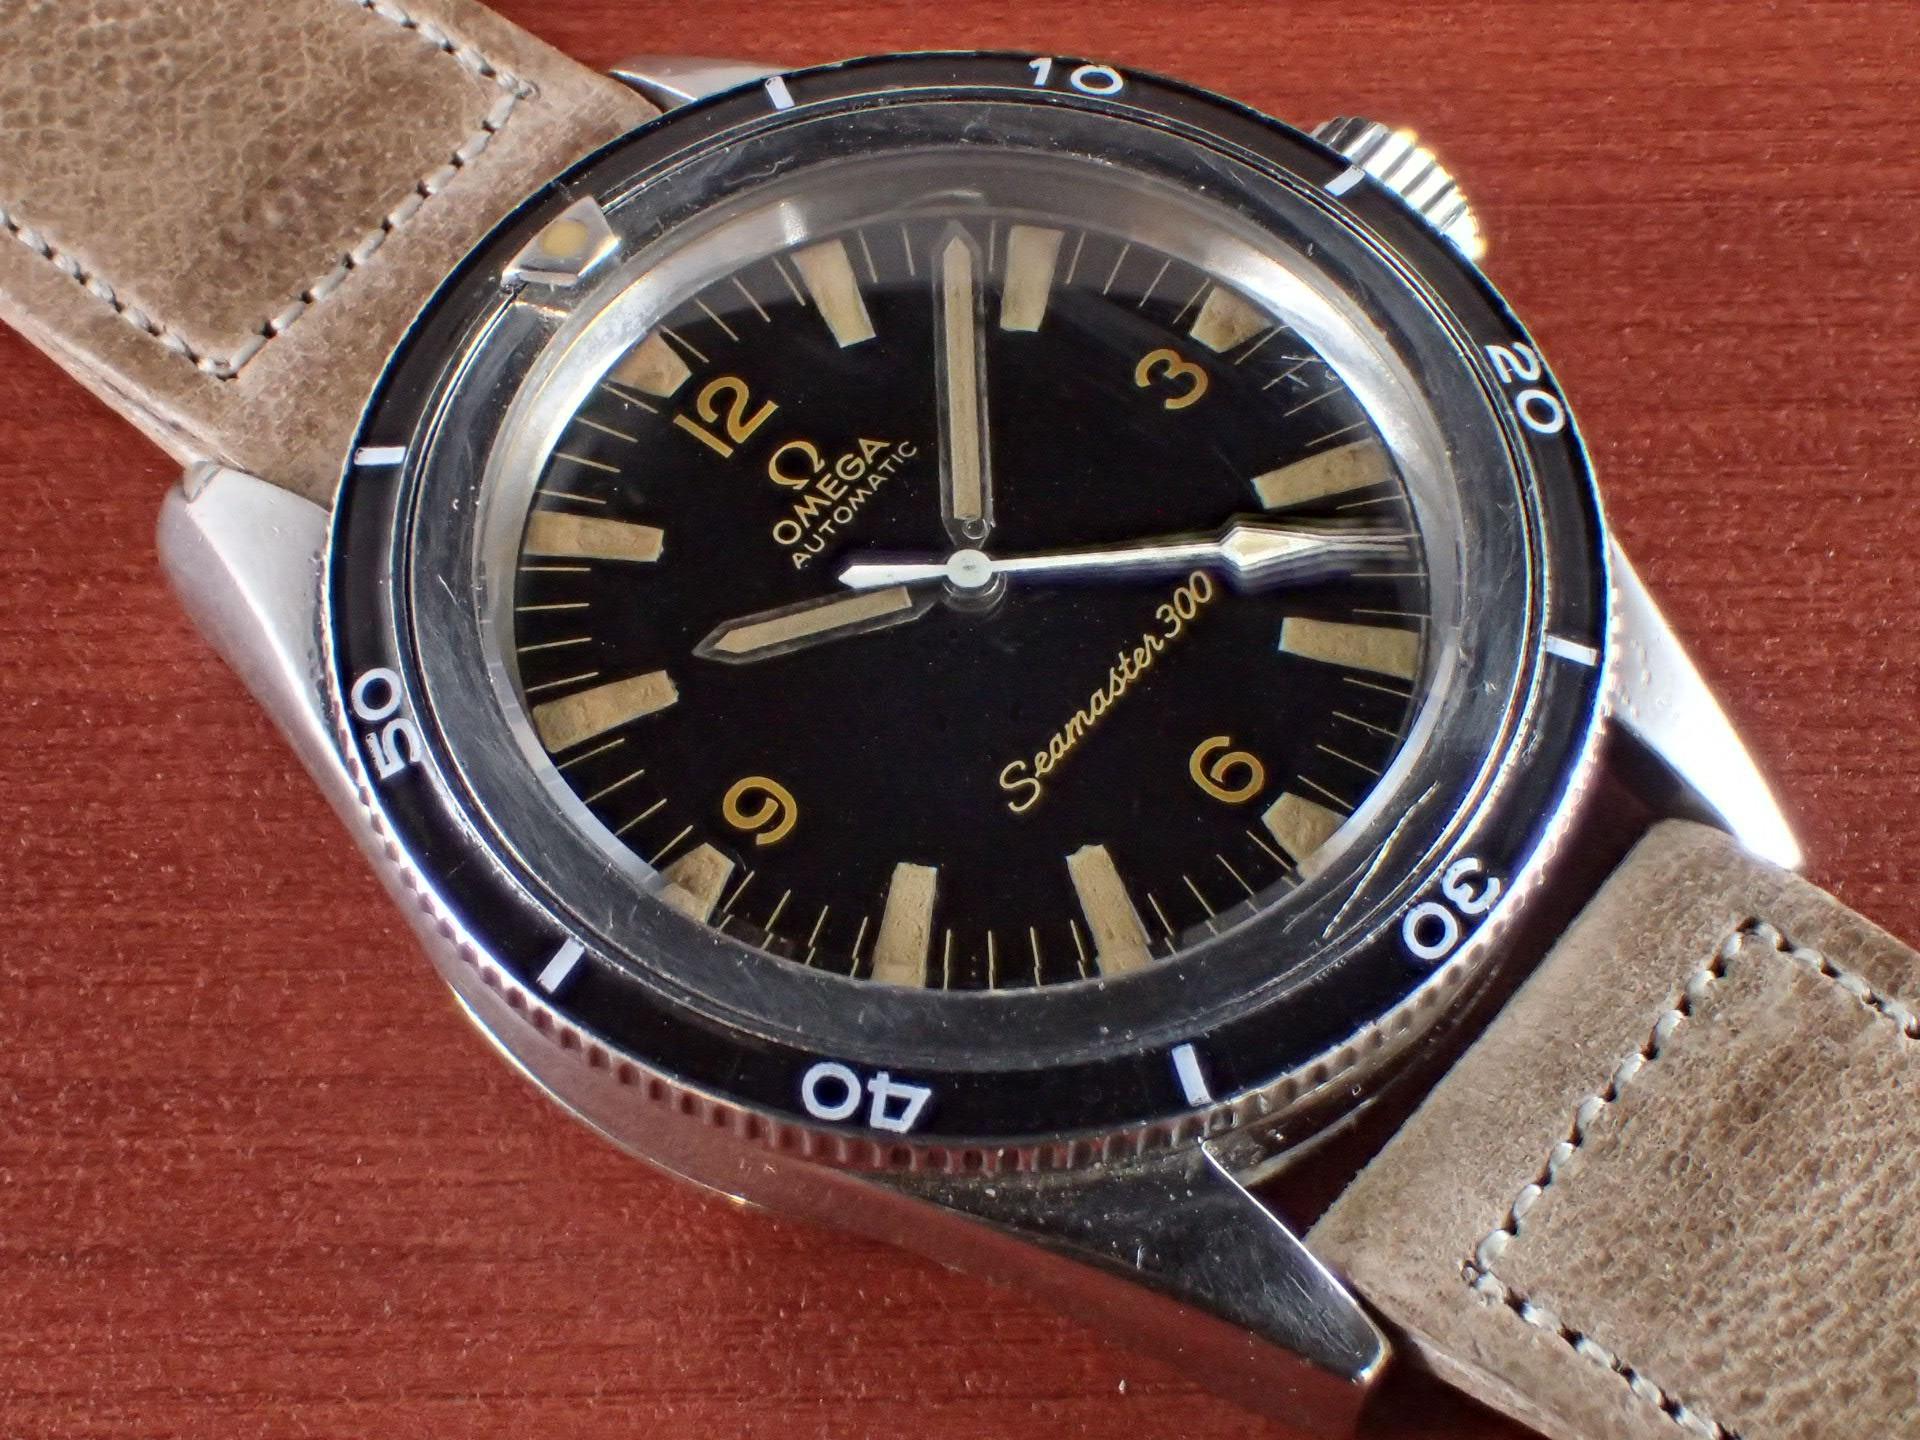 オメガ シーマスター300 セカンドモデル Ref.ST 165.014 1960年代のメイン写真